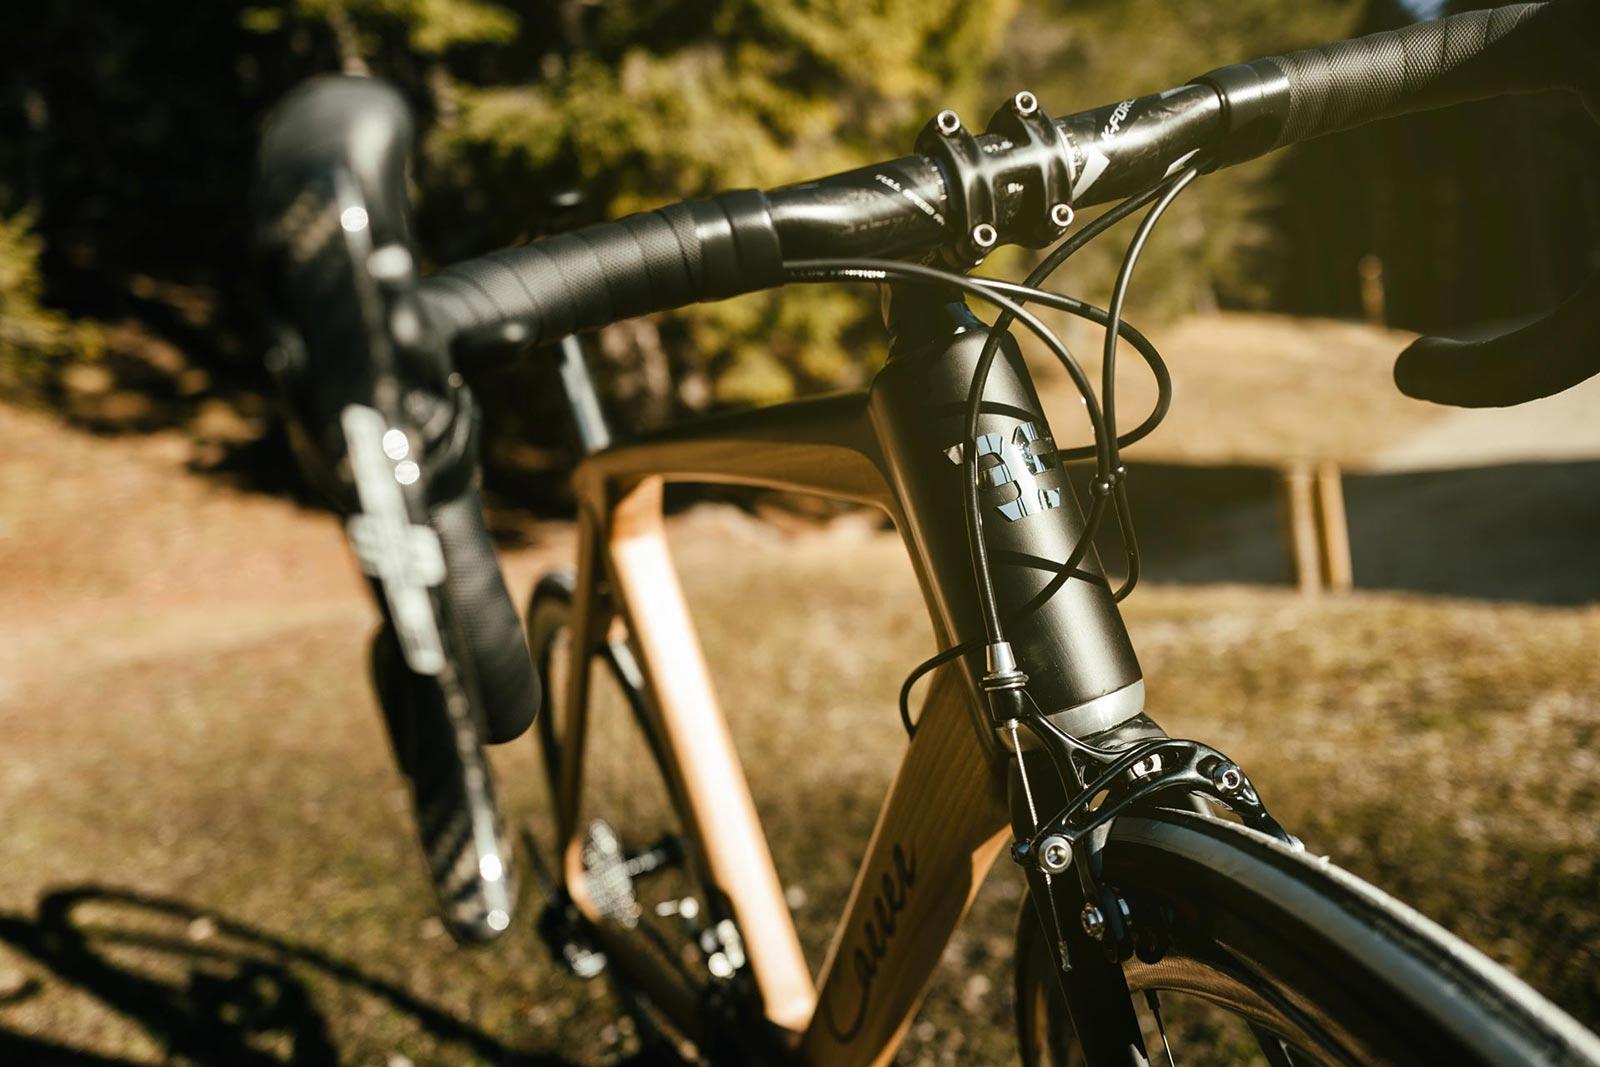 Maranello bike sportiva di carrerBikes